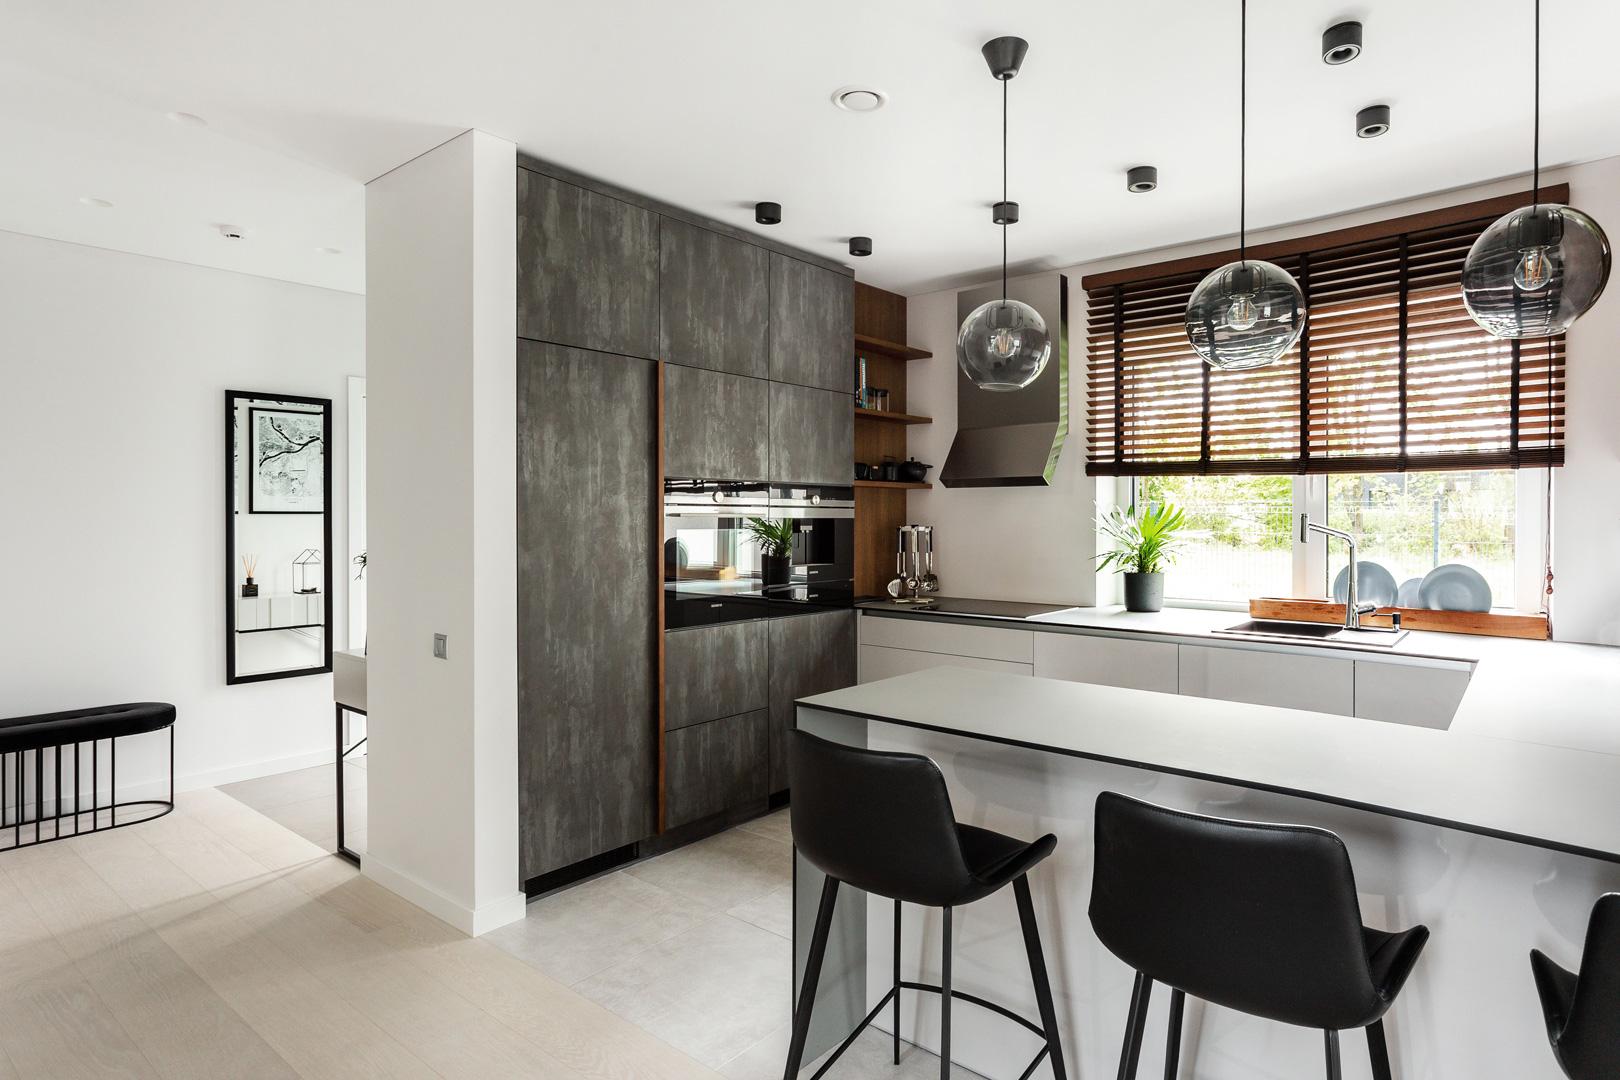 virtuves_dizainas